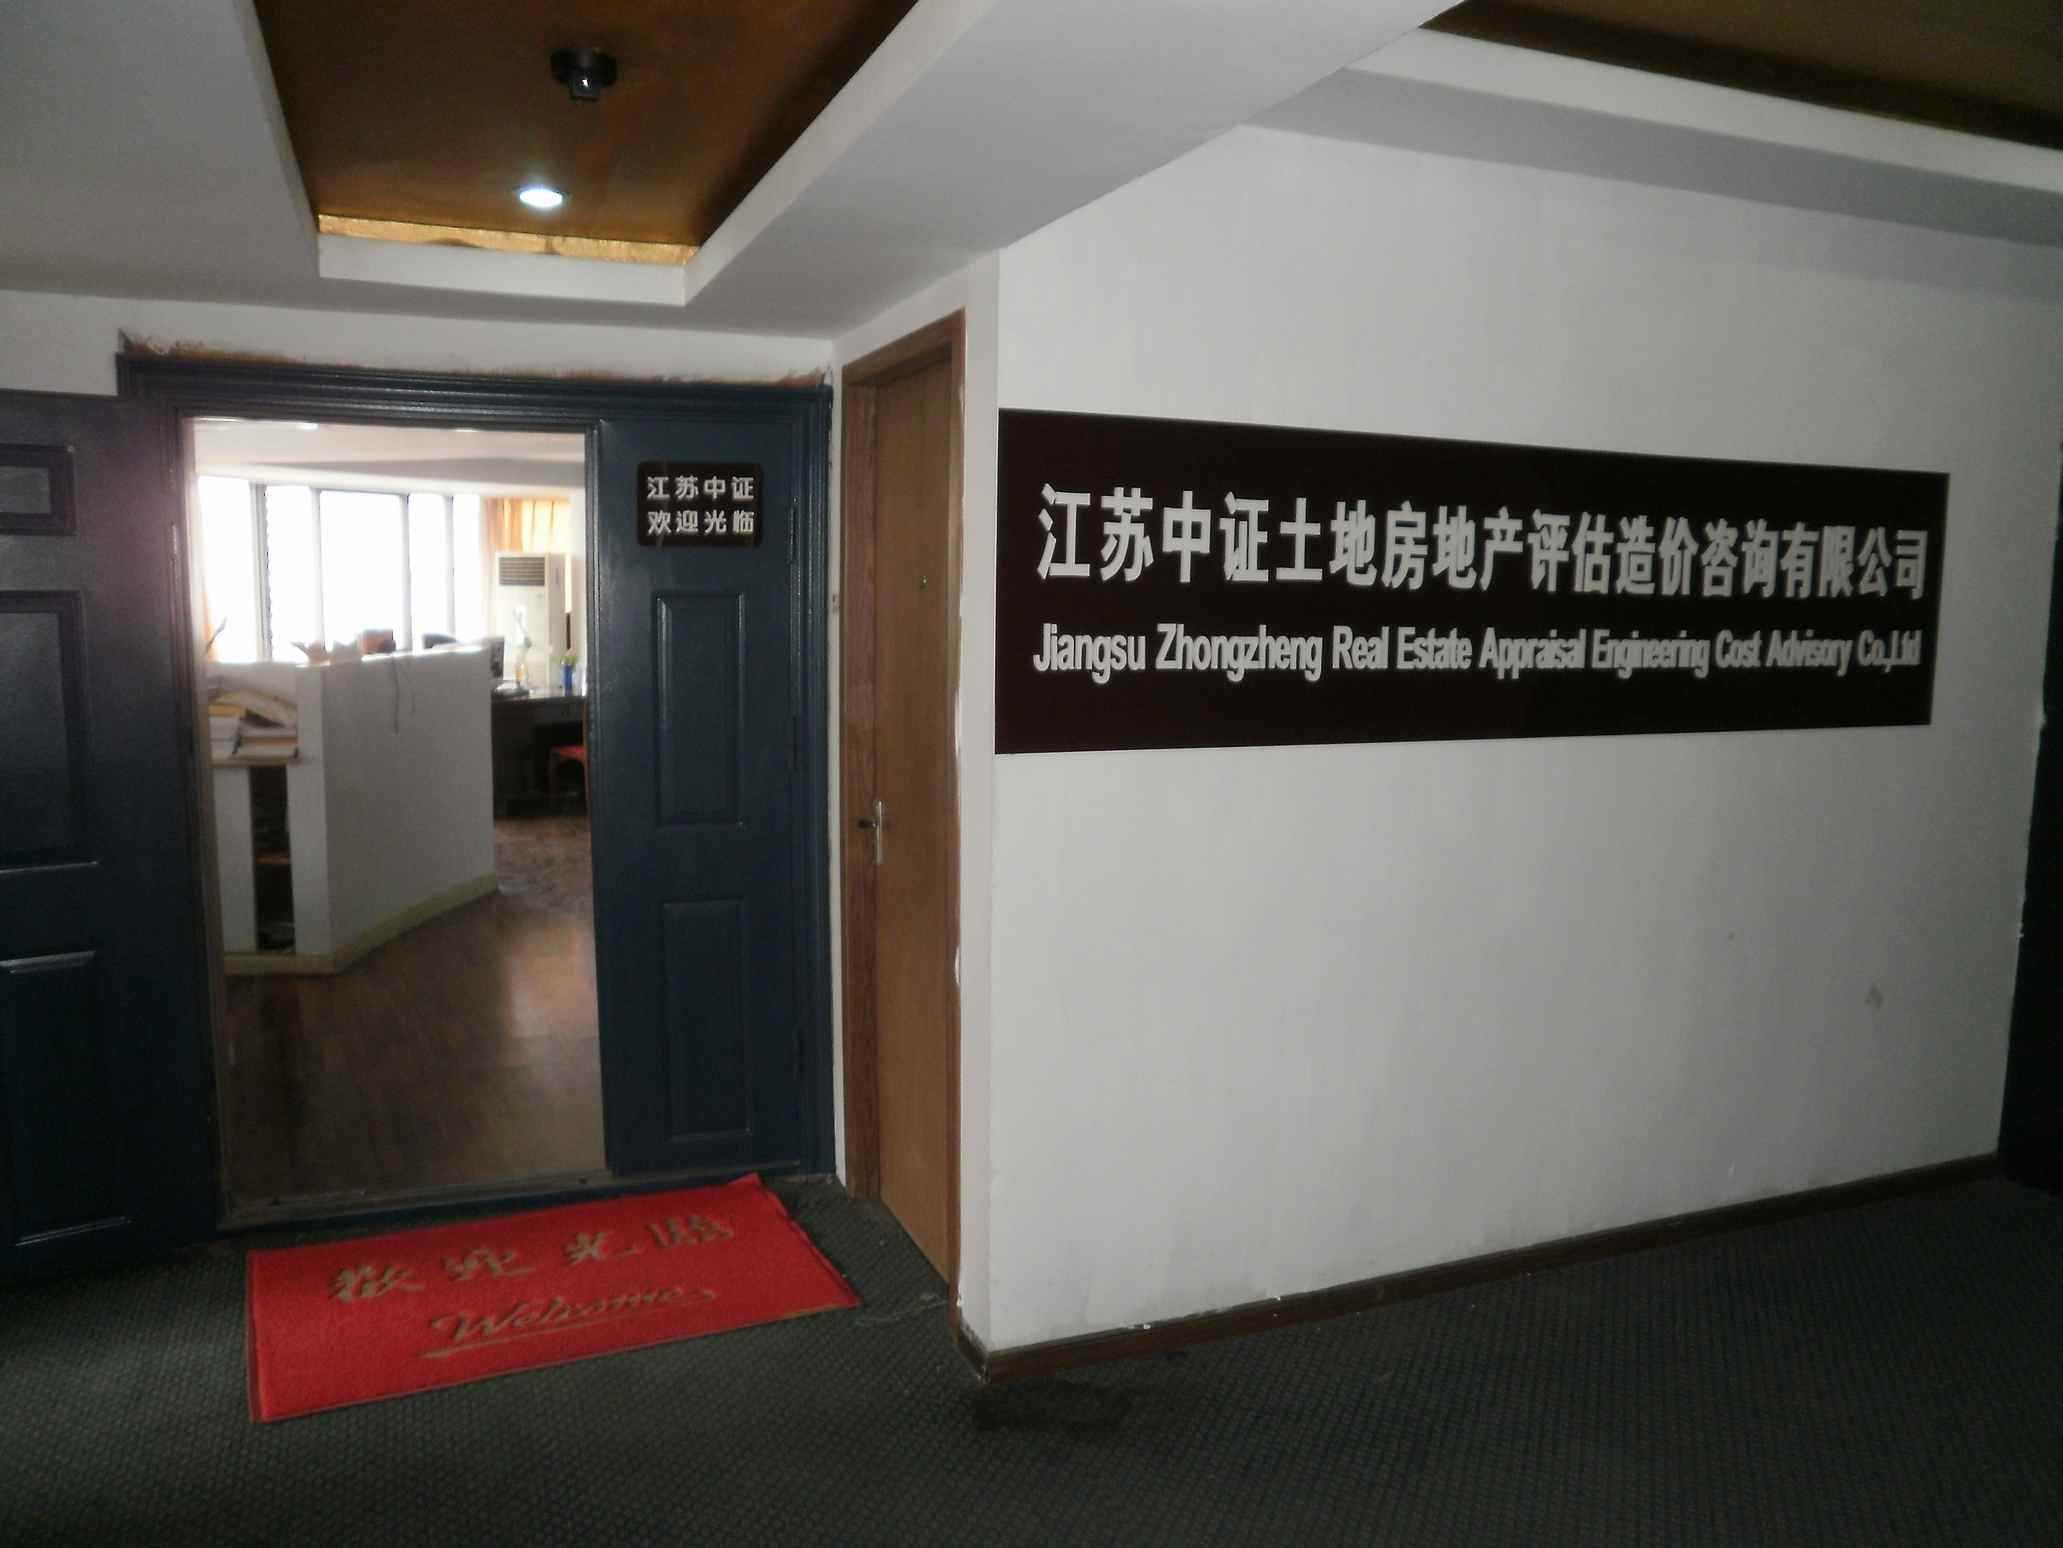 江苏中证土地房地产评估造价咨询有限公司